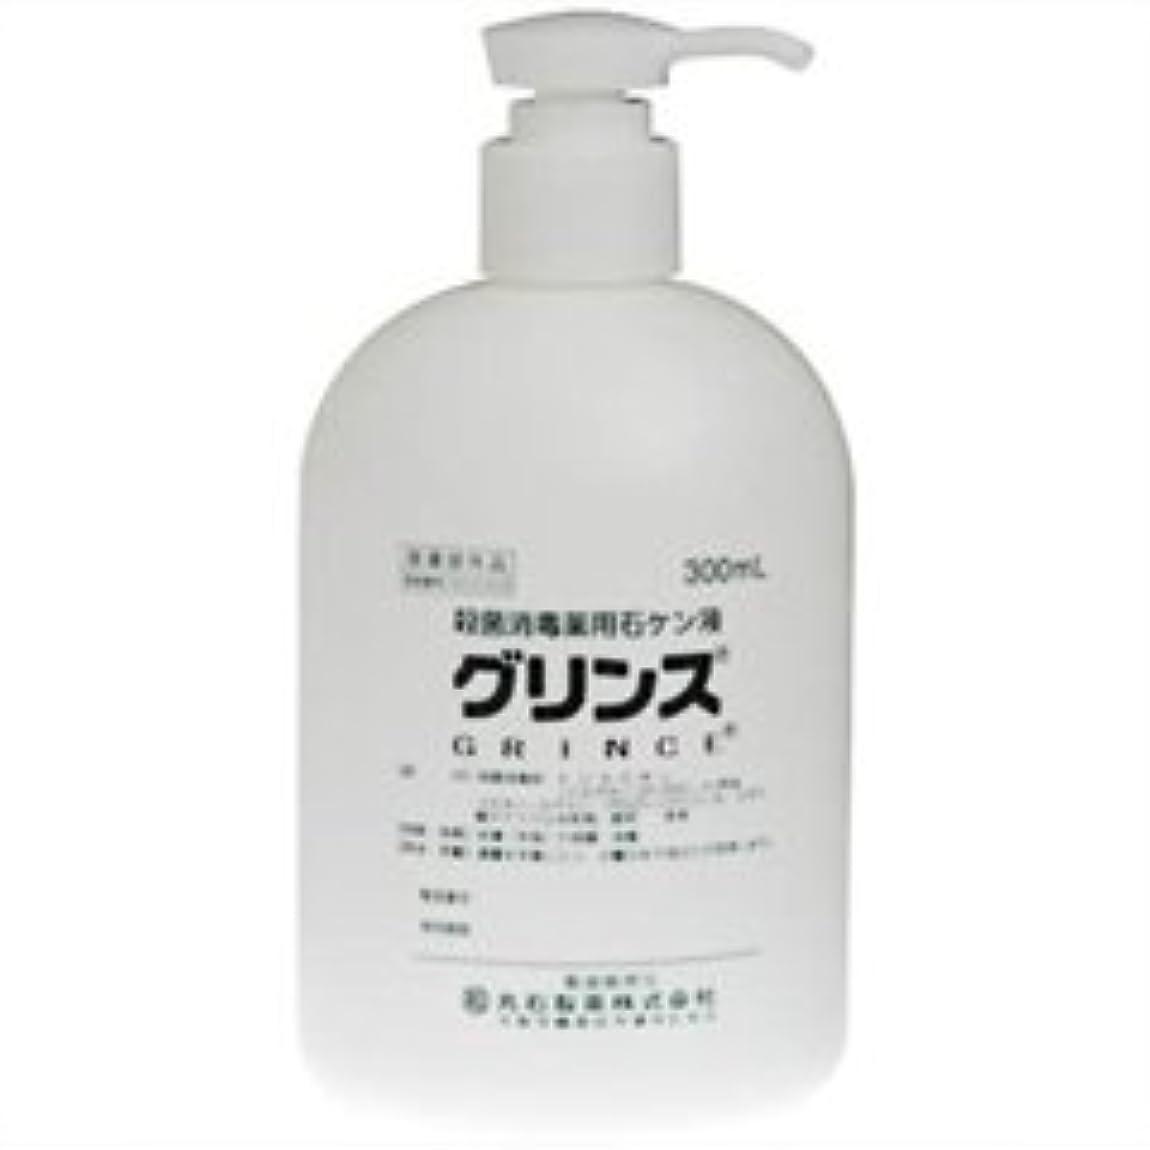 連合不毛の困難【丸石製薬】グリンス 300ml